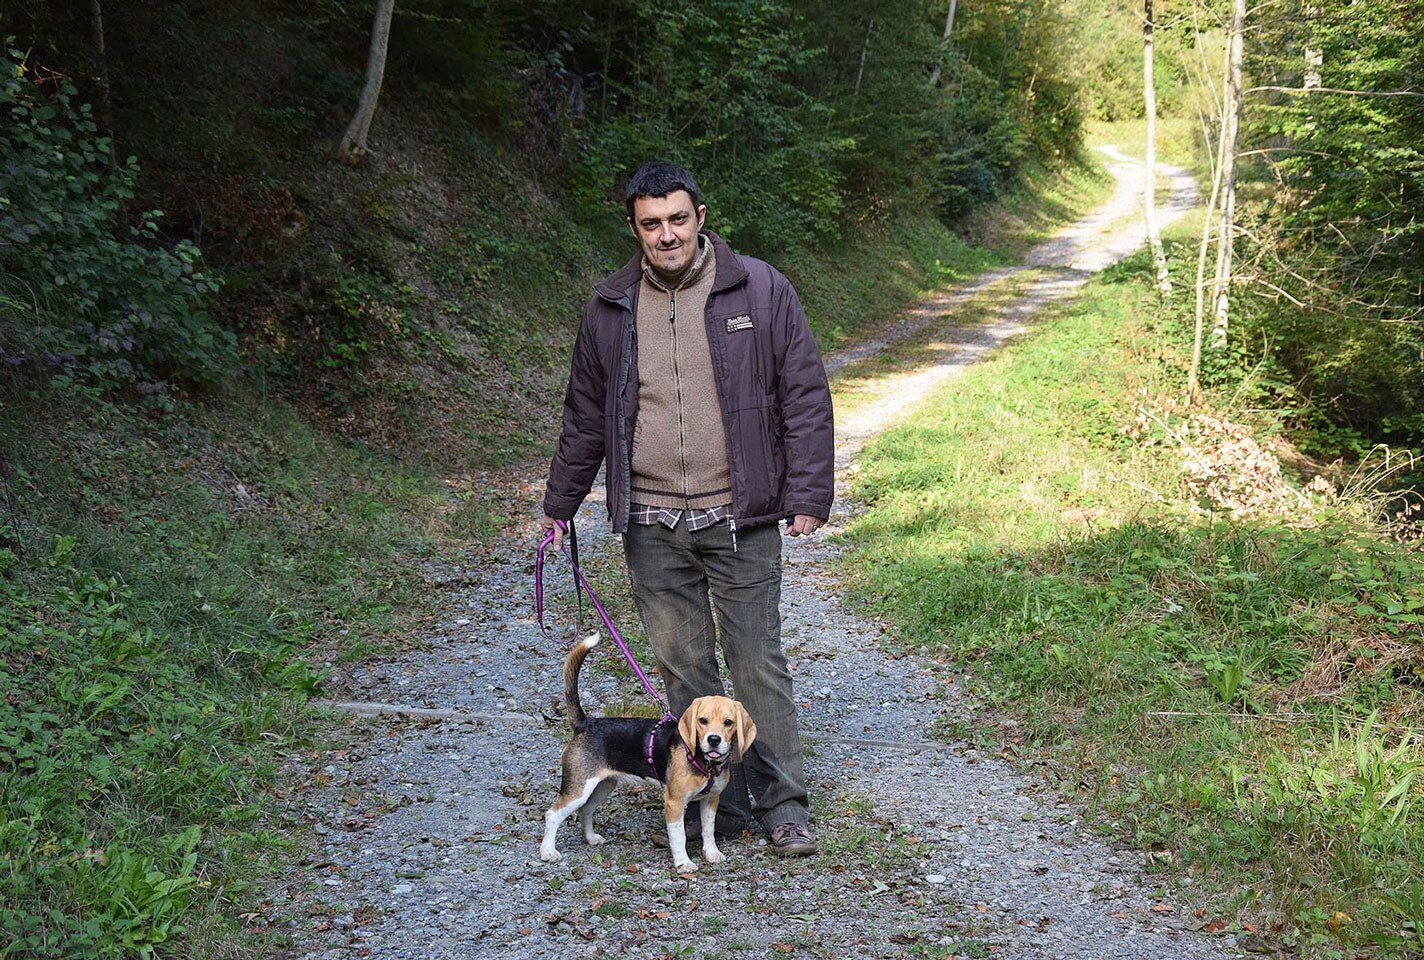 sebastien-pelerieau-dog-web